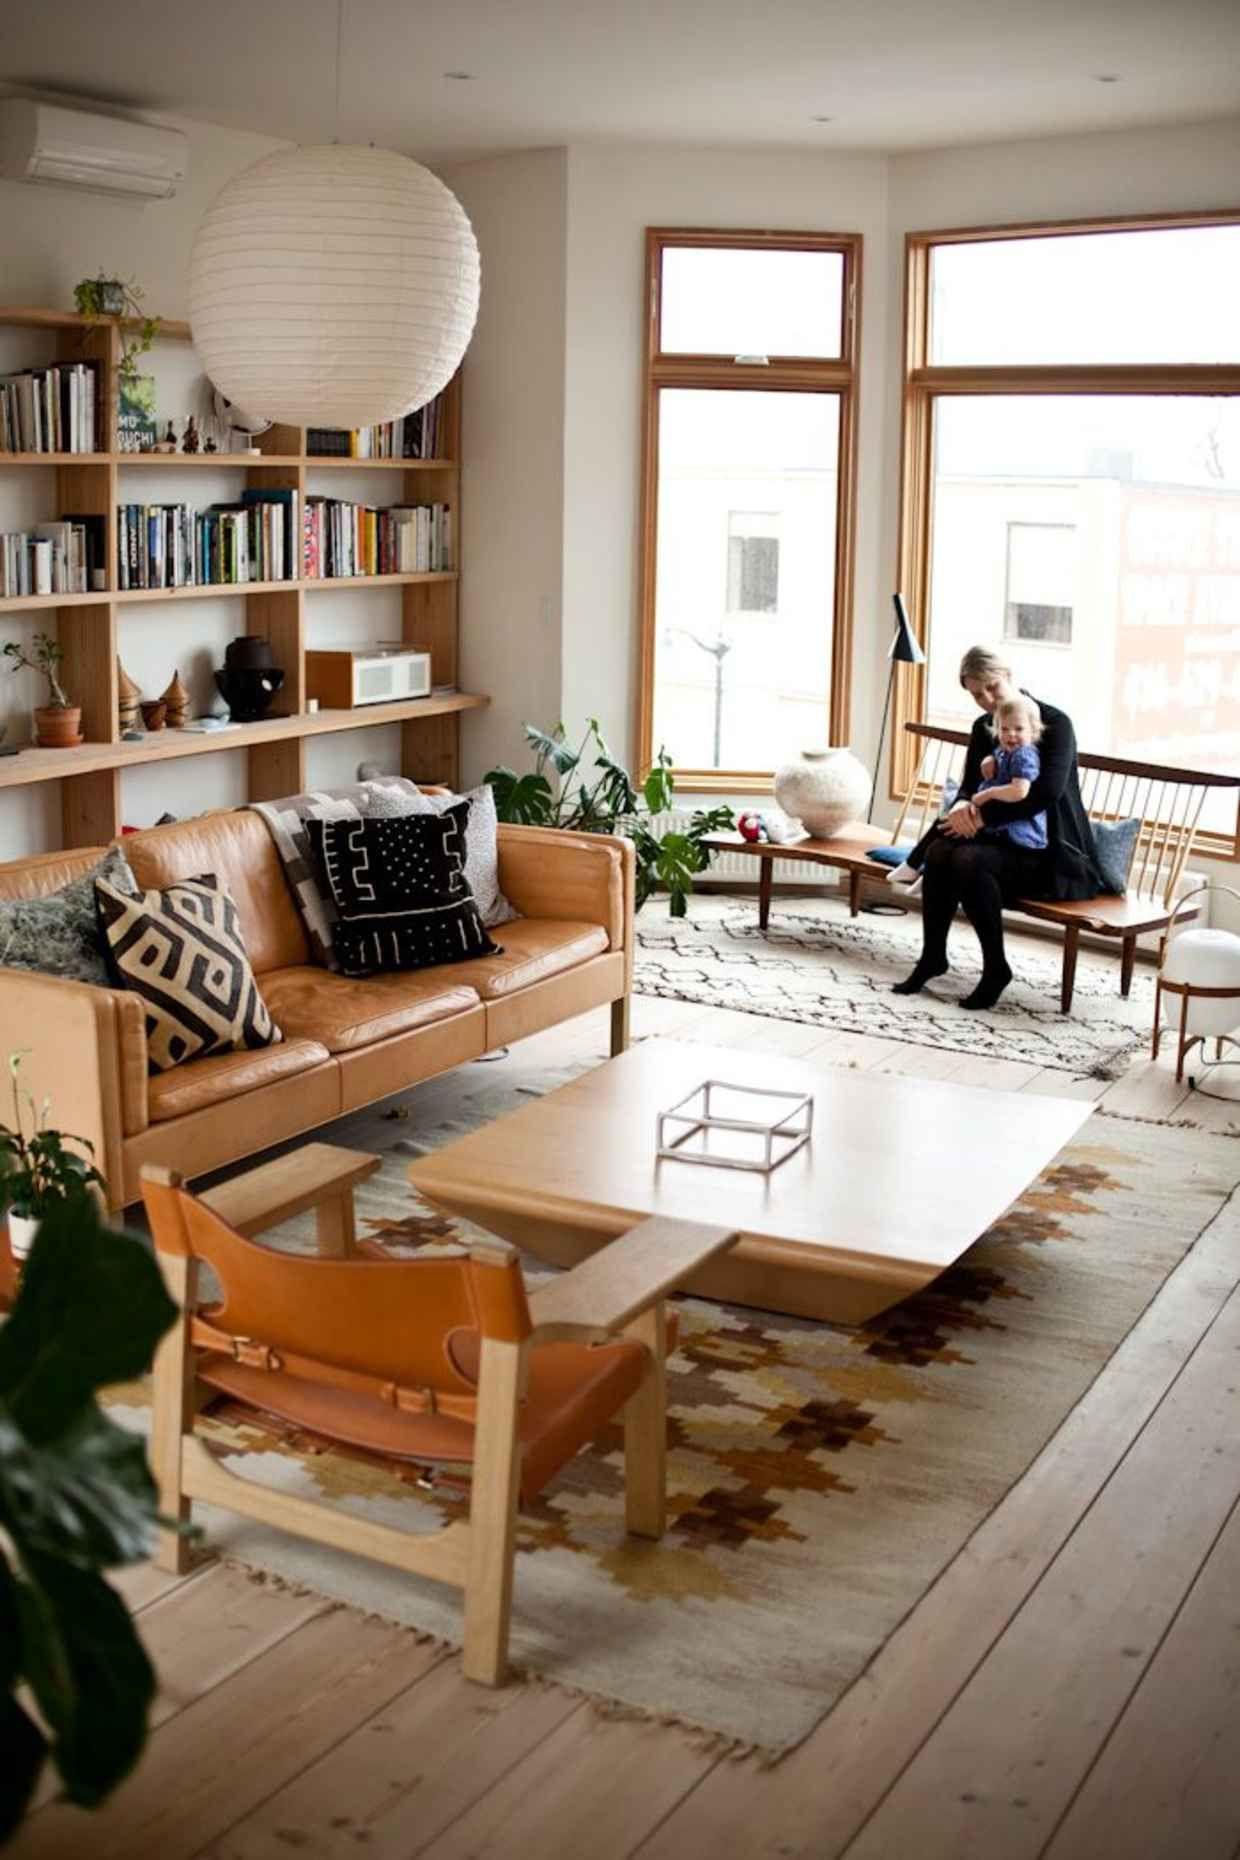 Sof s de cuero en el sal n s por favor decoraci n de salones living room pinterest - Disenador de interiores online ...